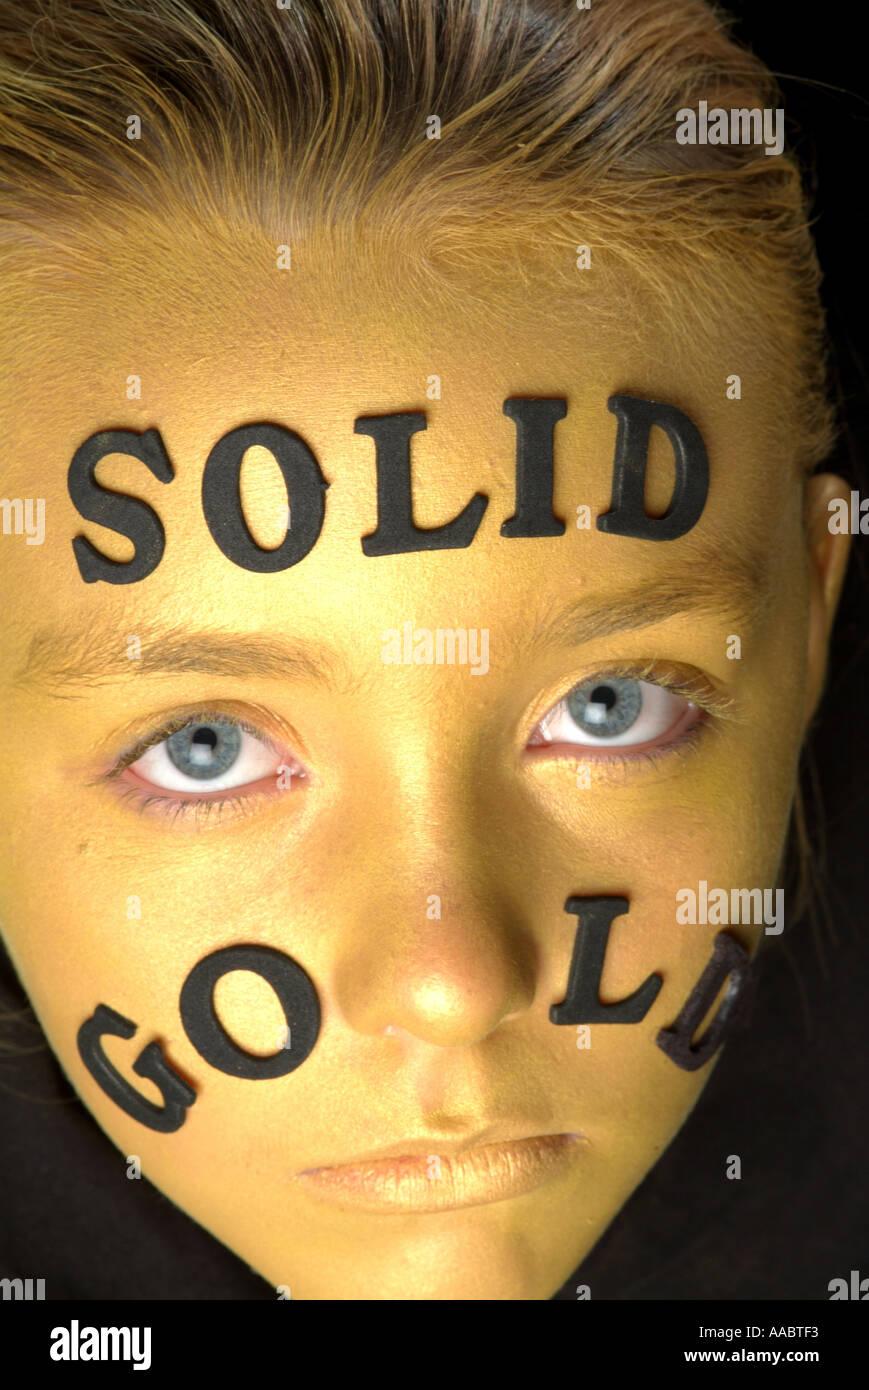 Oro viso della bambina con la scritta in oro massiccio colpo da sopra con gli occhi aperti e un croped mento Immagini Stock